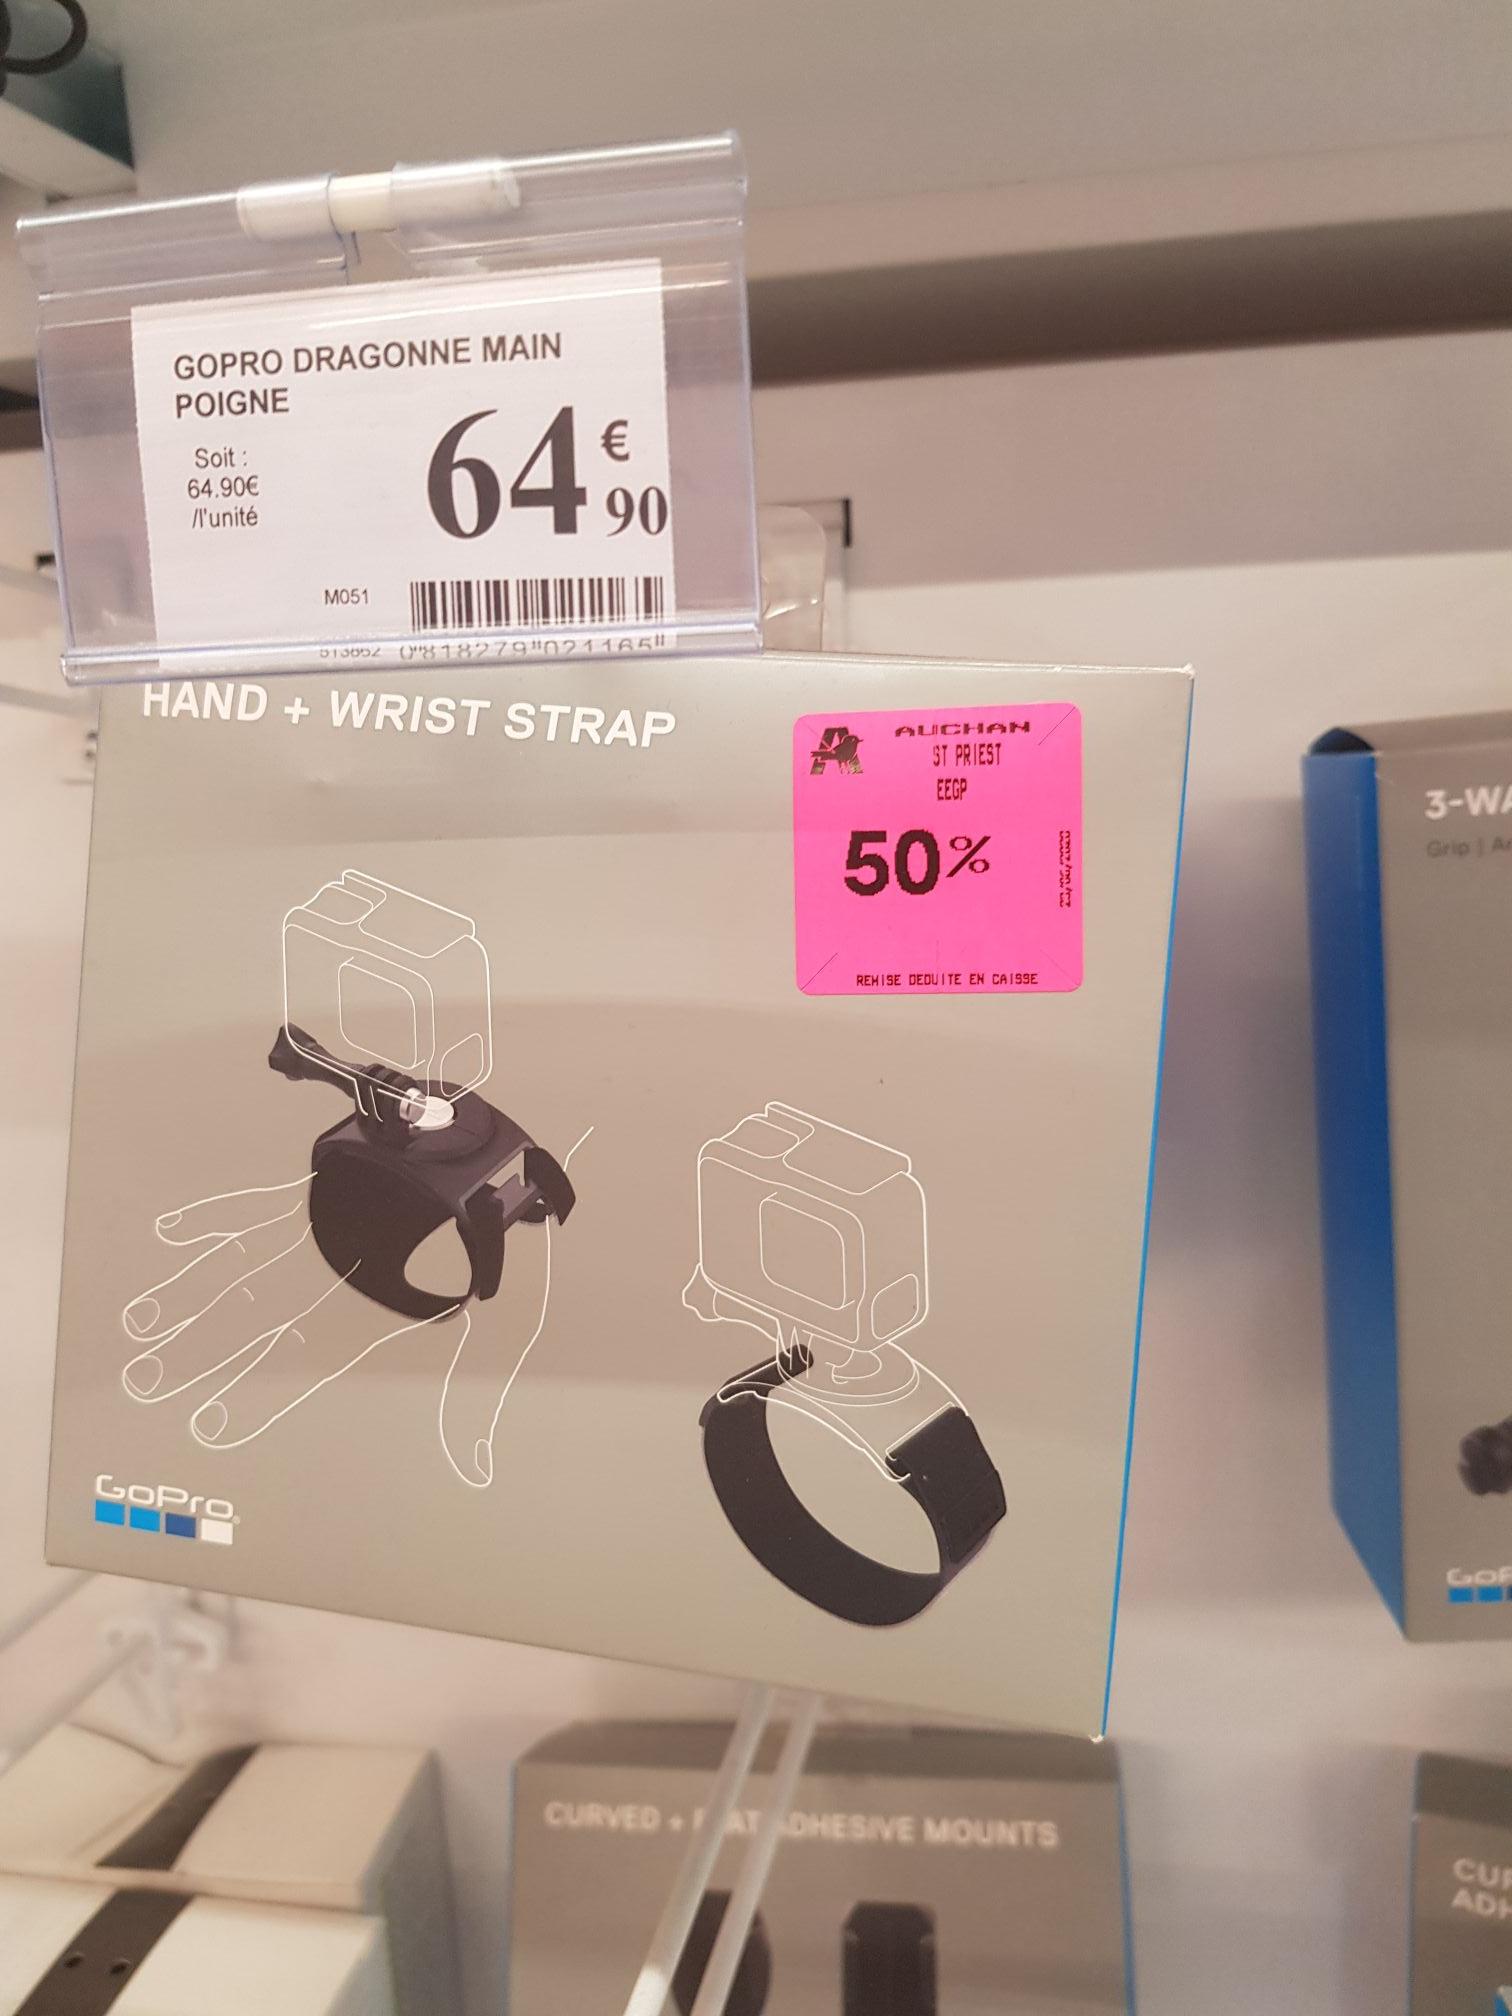 50% sur une sélection d'accessoires accessoires GoPro - Ex : Dragonne de poignée et main GoPro - Saint Priest (69)